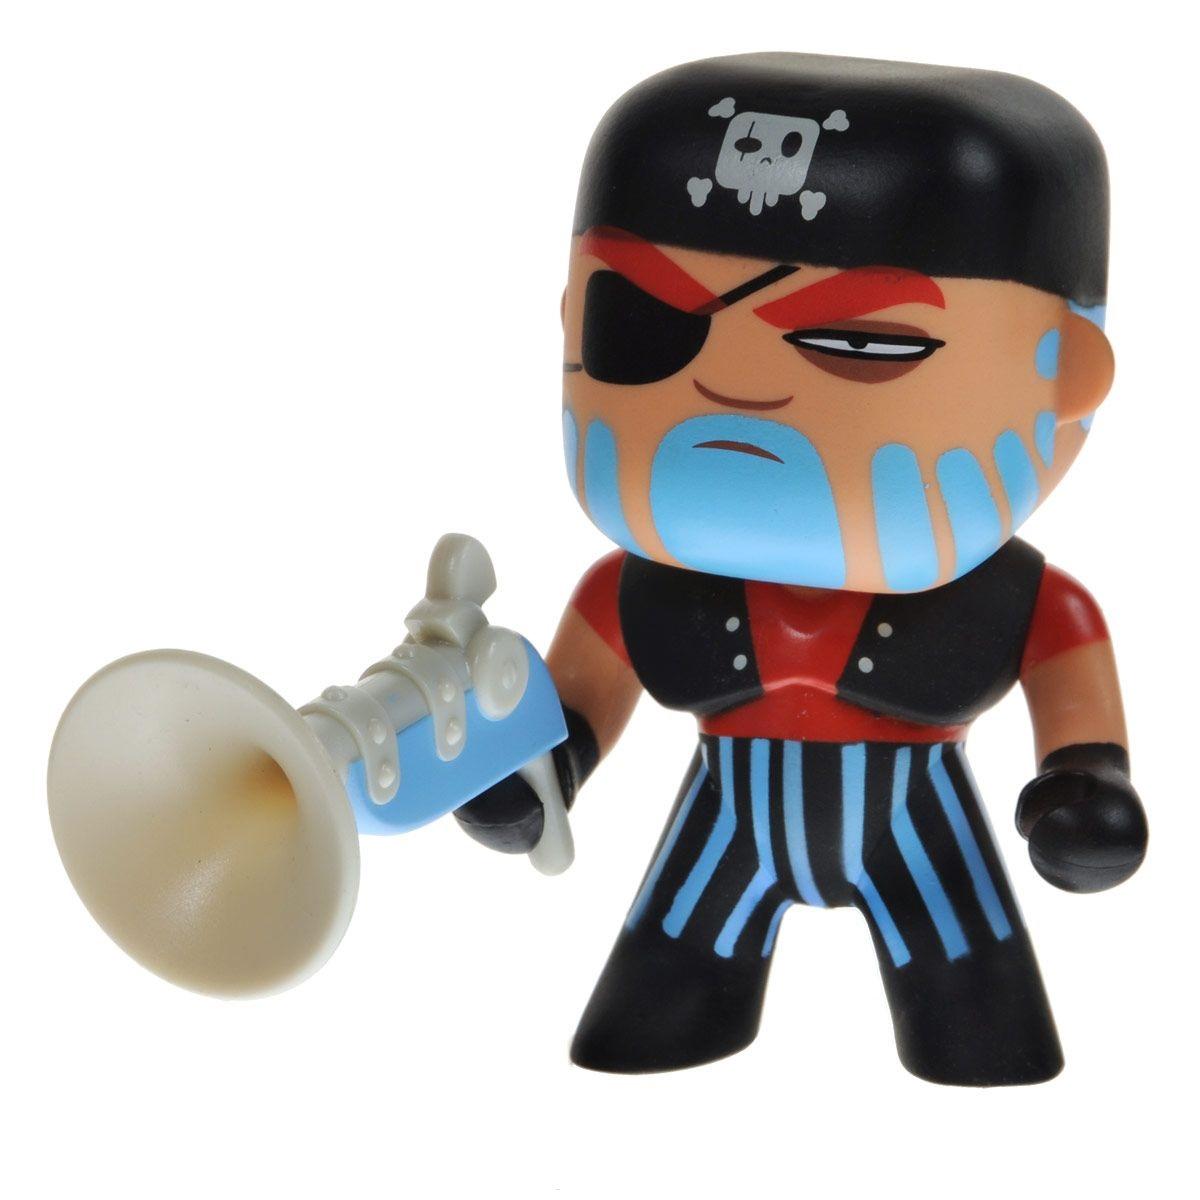 Пират - Жак СкулЗамки, рыцари, крепости, пираты<br>Пират - Жак Скул<br>